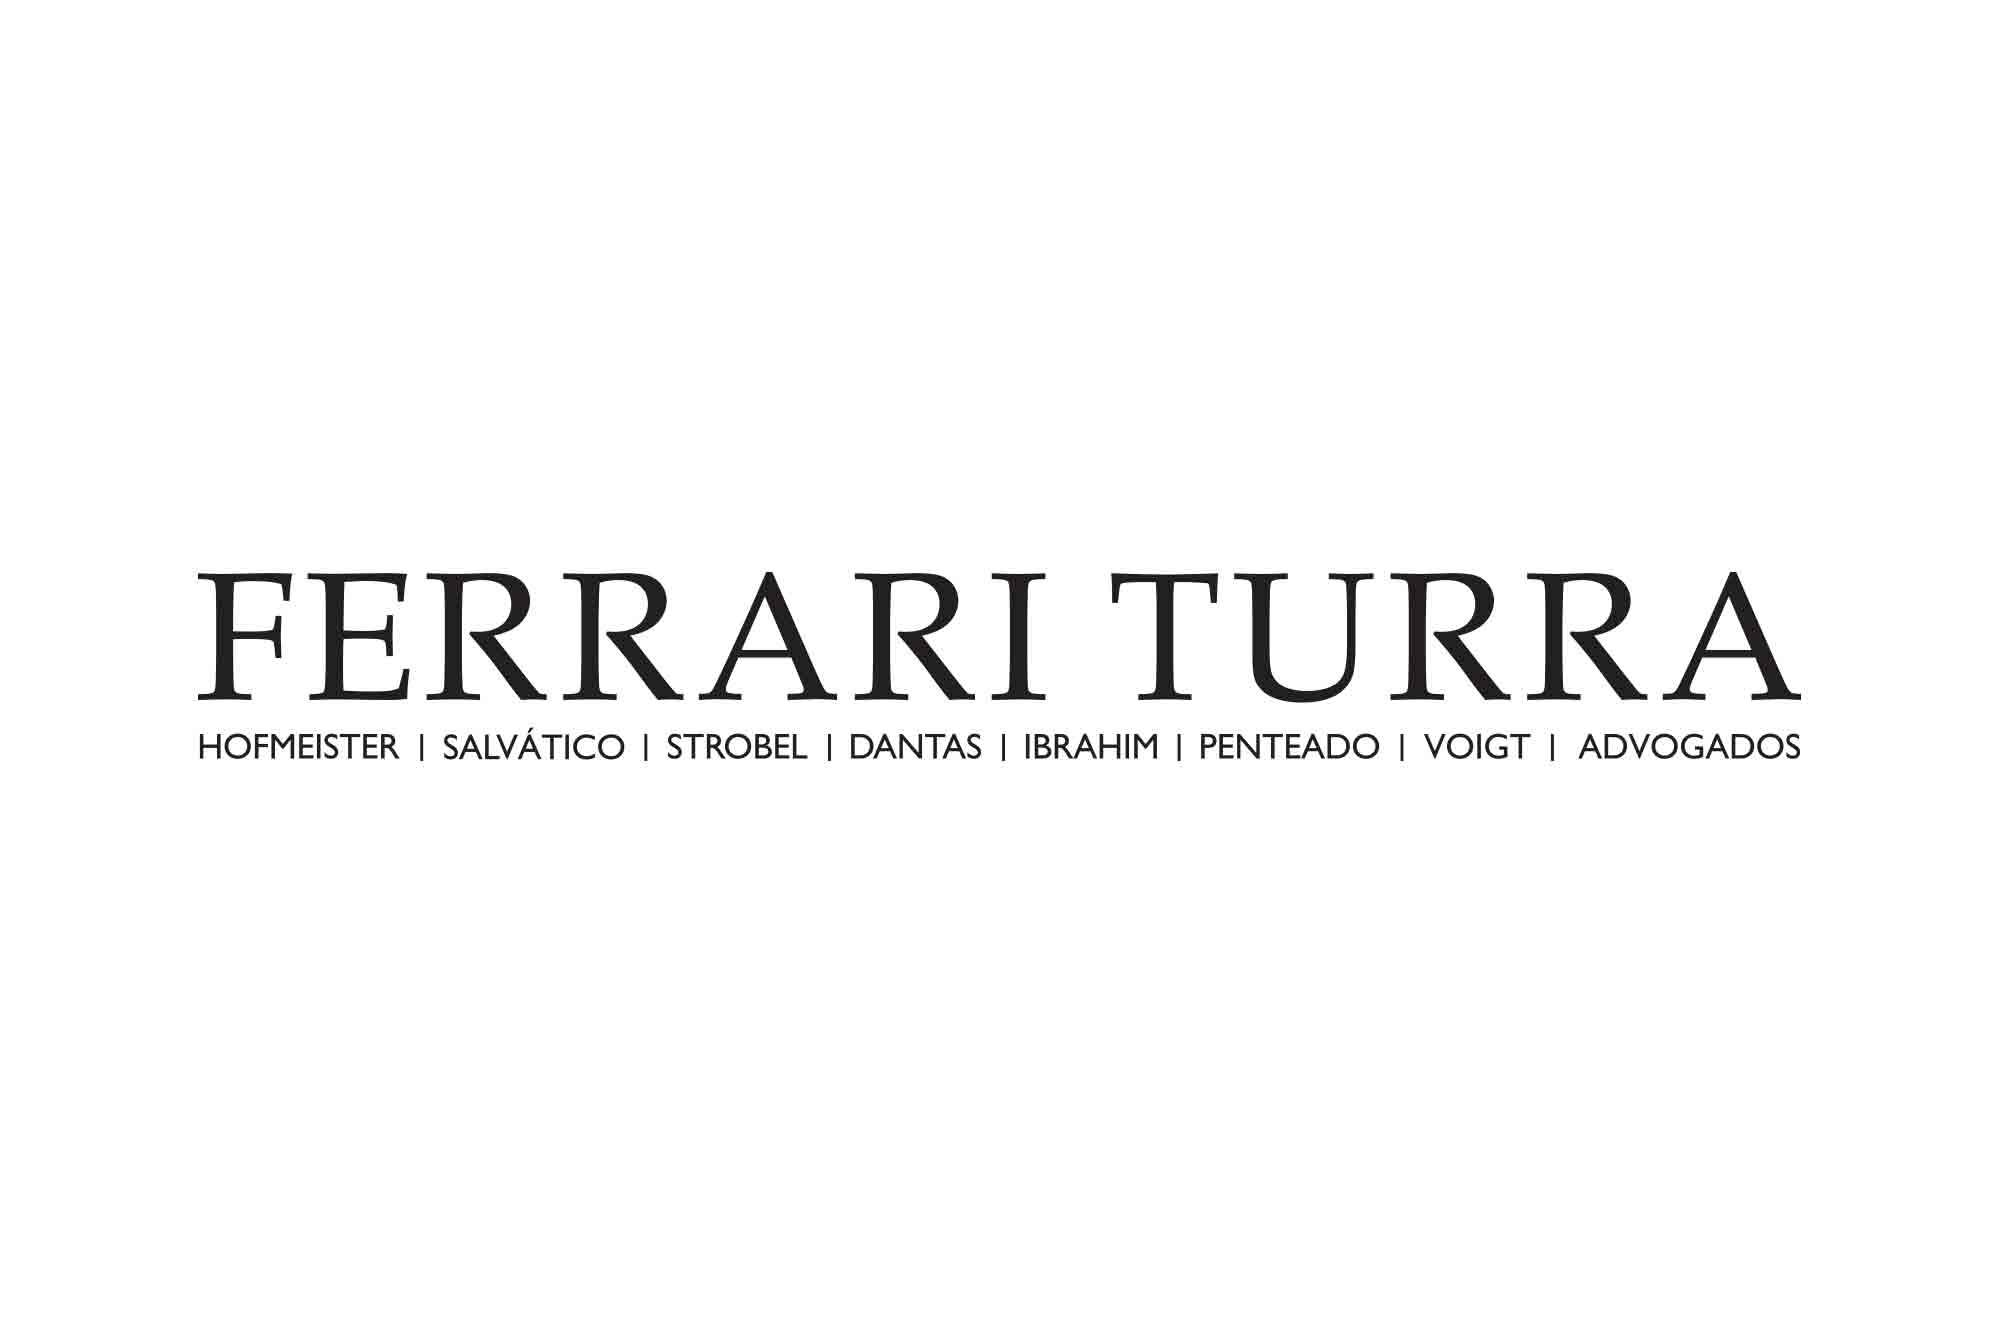 FERRARI TURRA